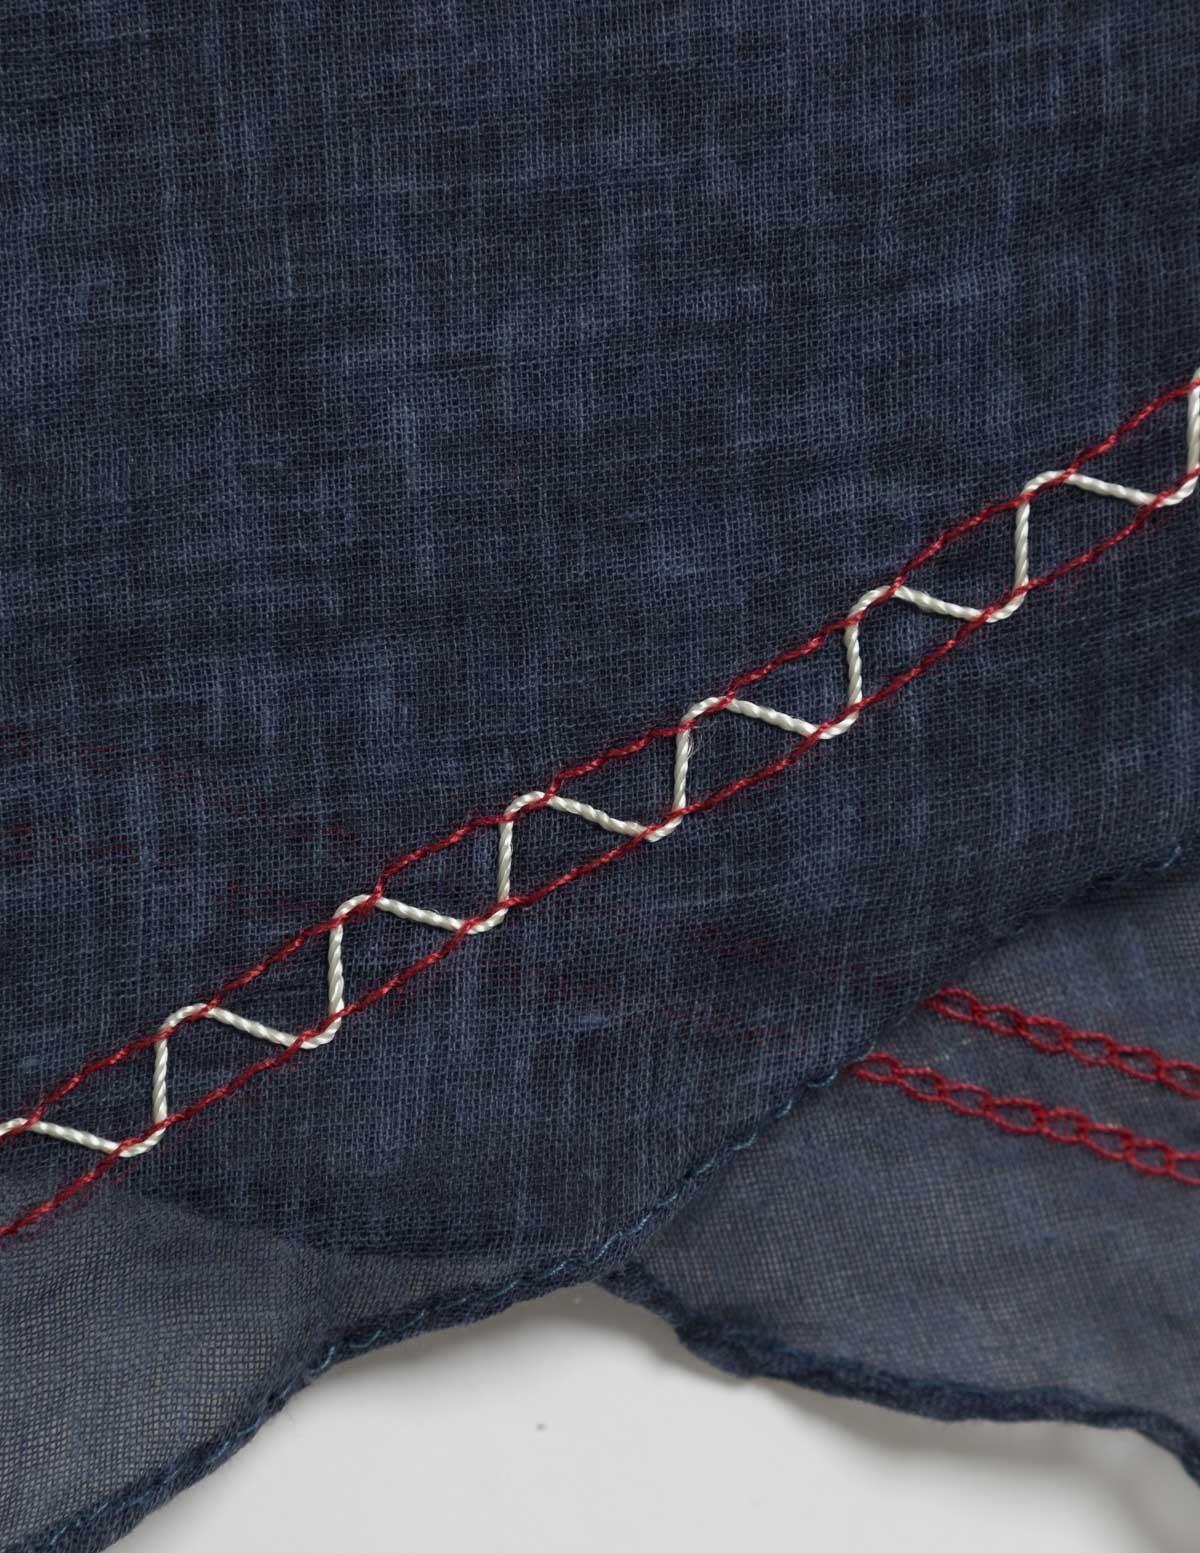 Fular básico con bordado - Ítem2